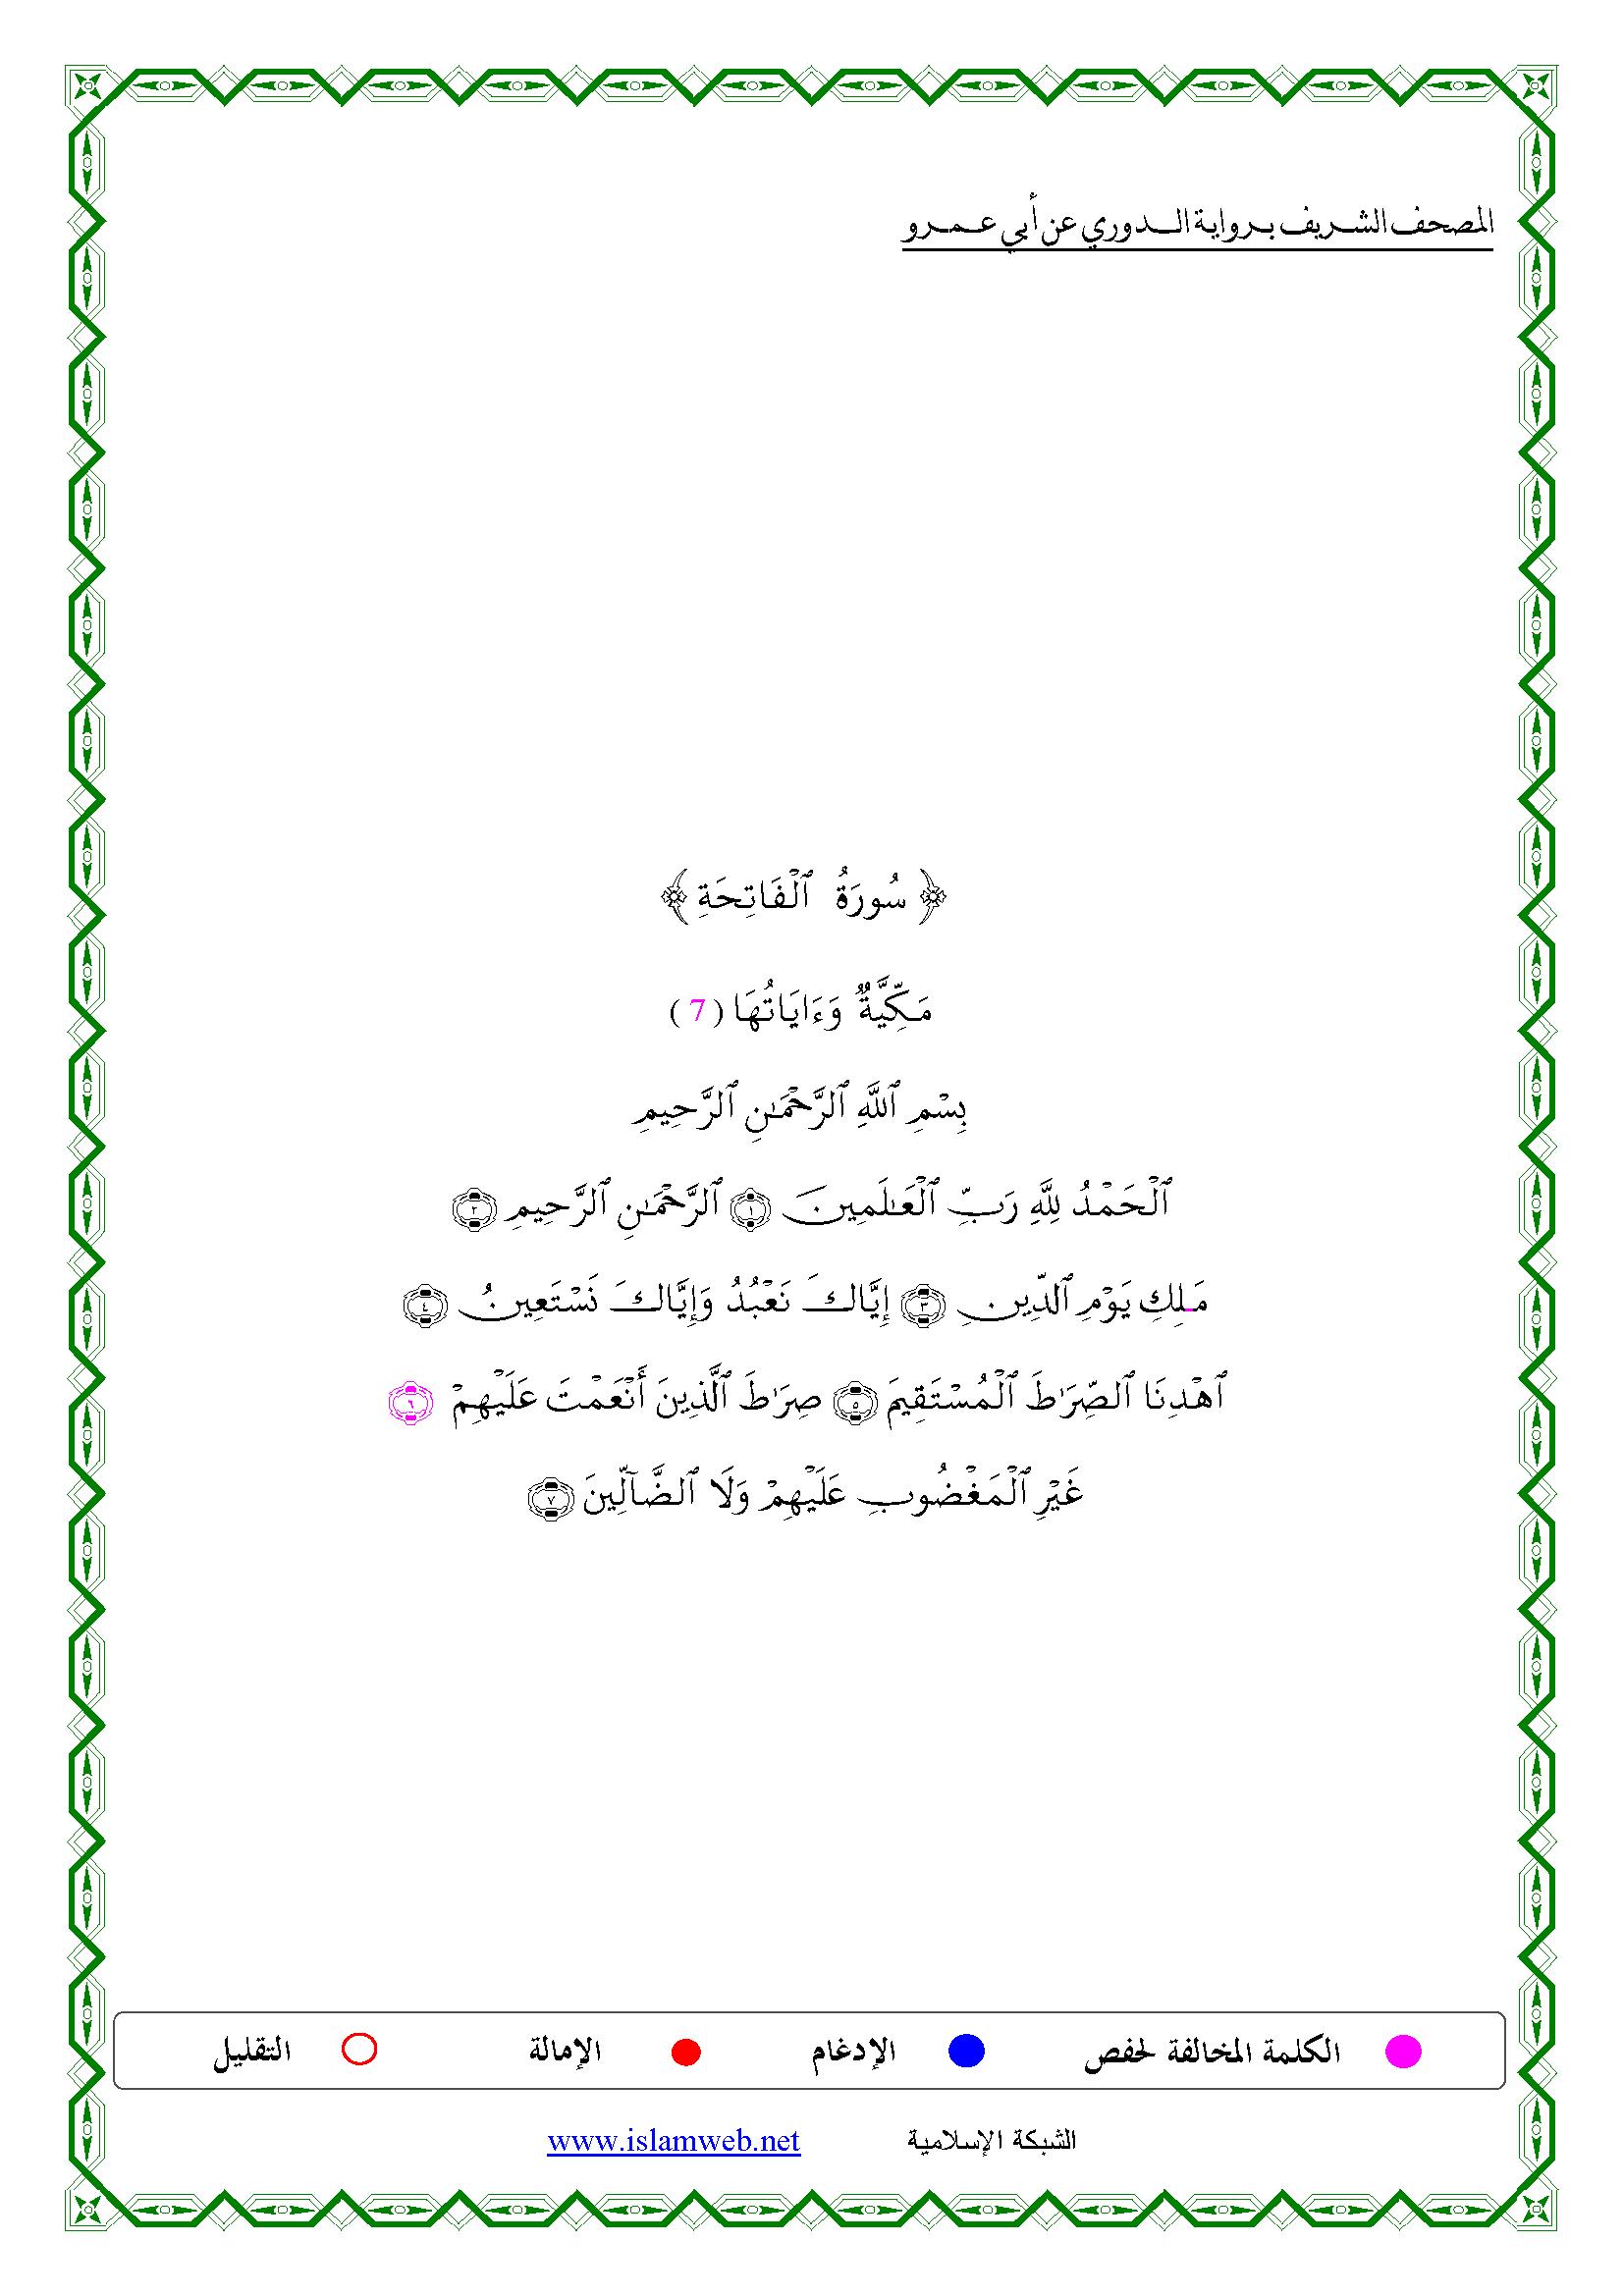 تحميل كتاب المصحف الشريف برواية الدوري عن أبي عمرو